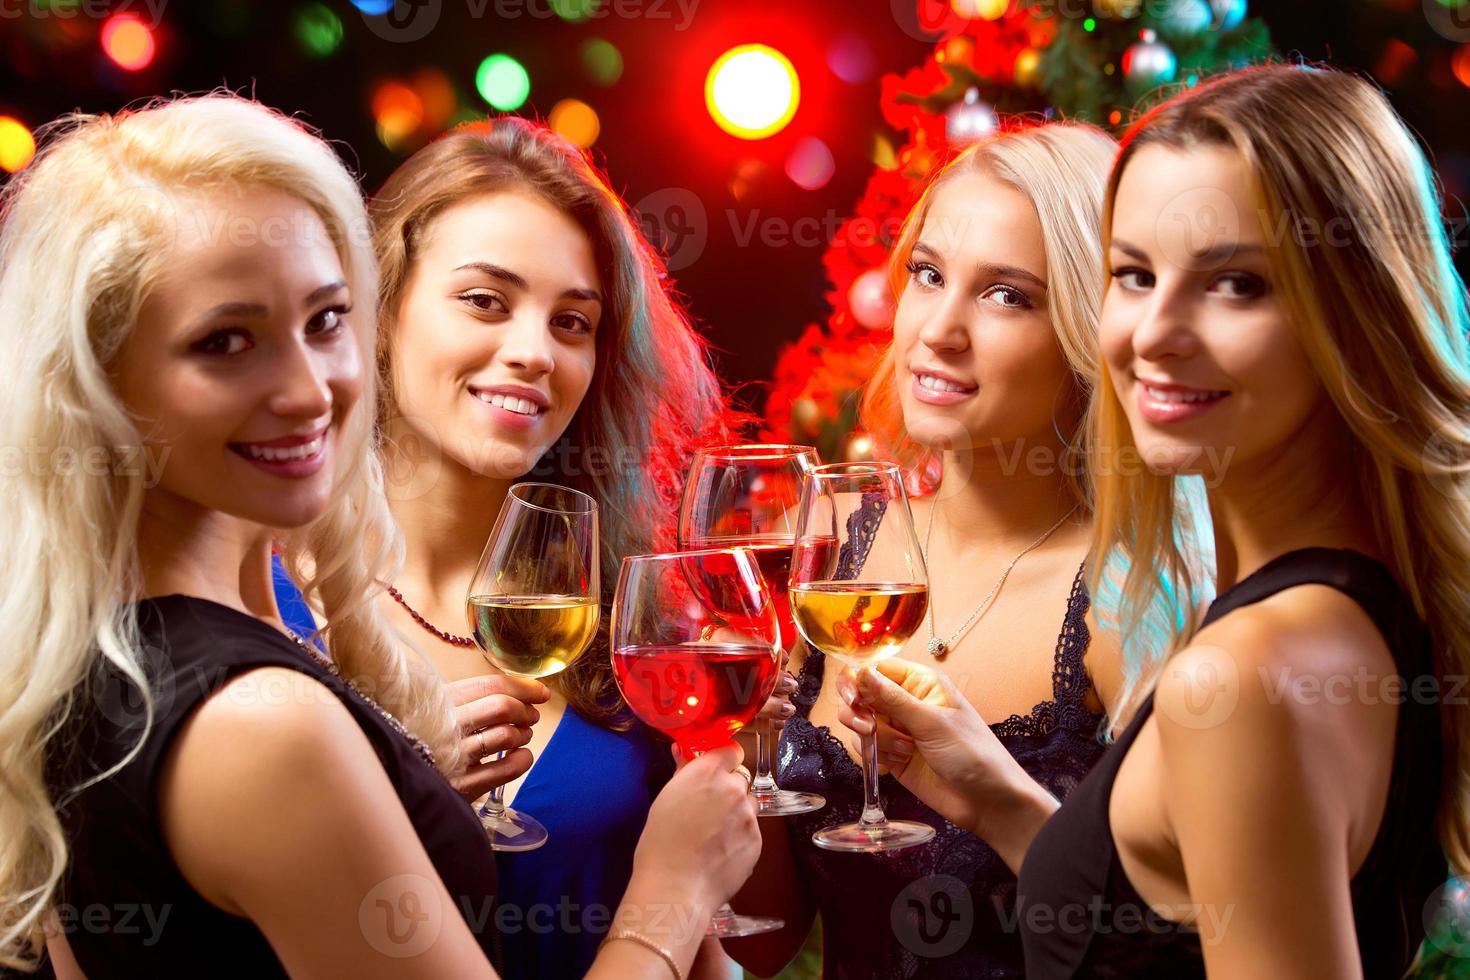 vrouwenhanden met kristallen glazen wijn foto